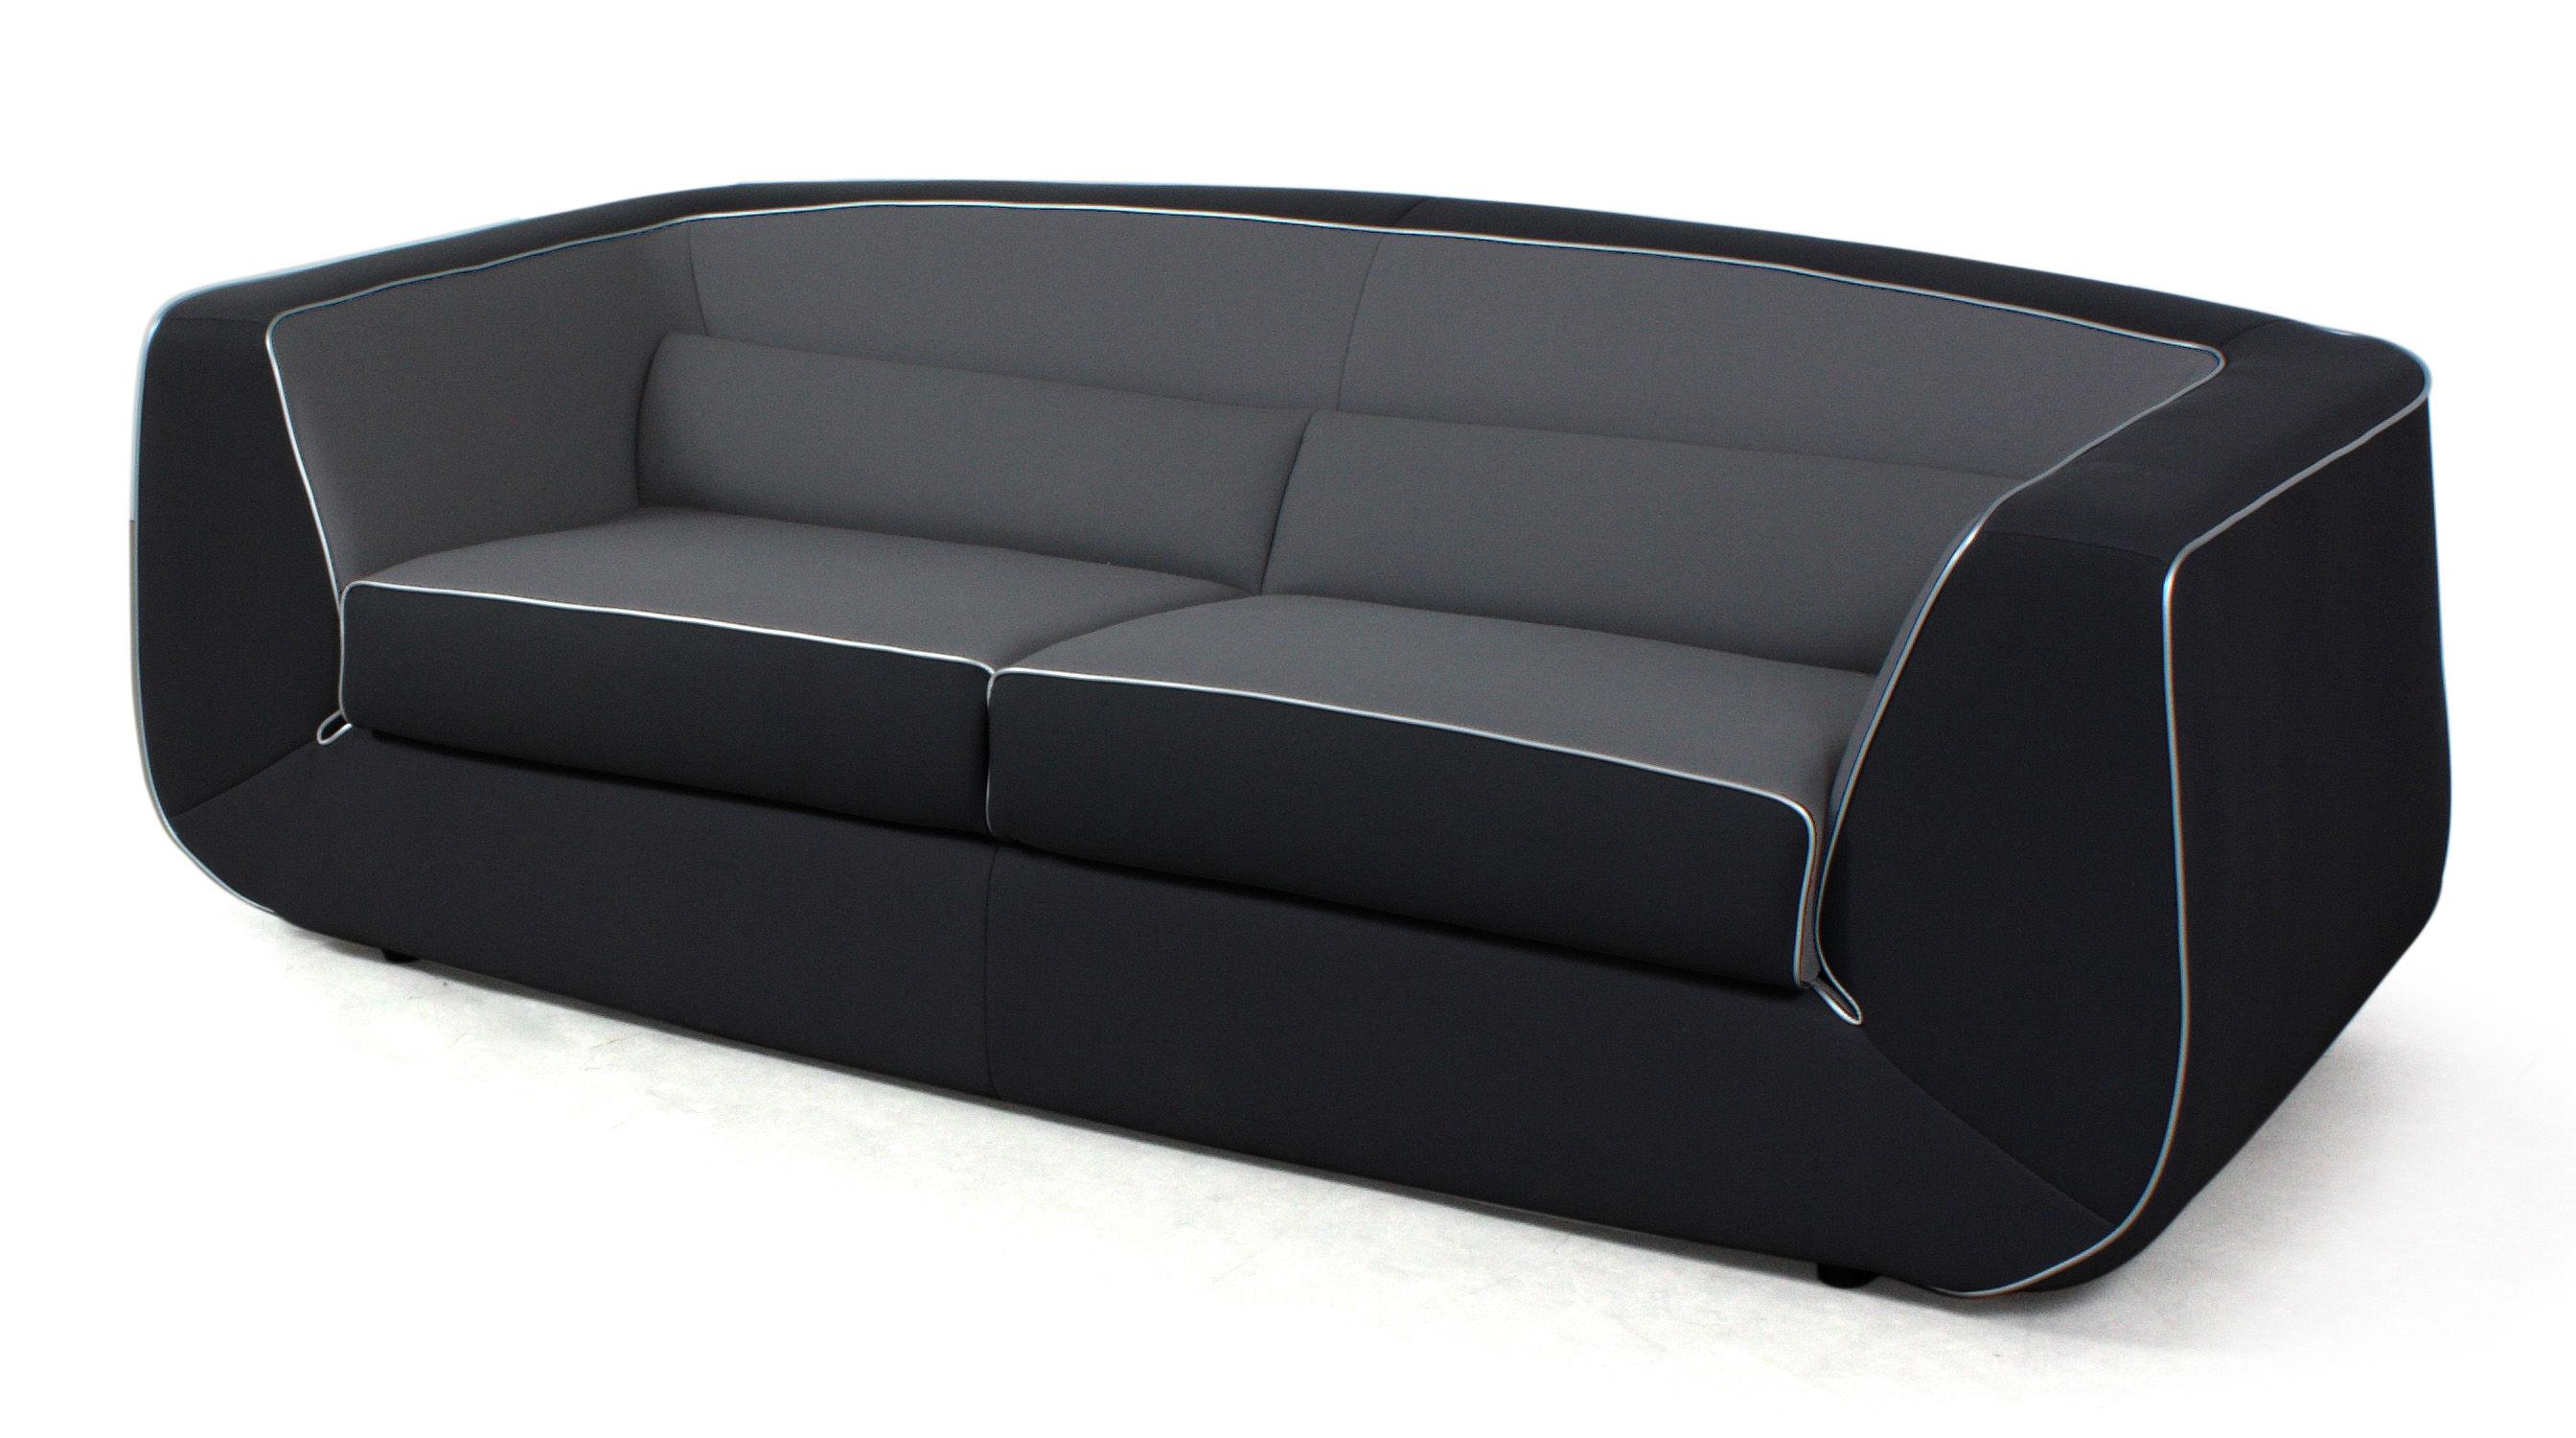 Canap convertible bump xl by ora ito 3 places l 238 cm noir gris pas - Canape dunlopillo ora ito ...